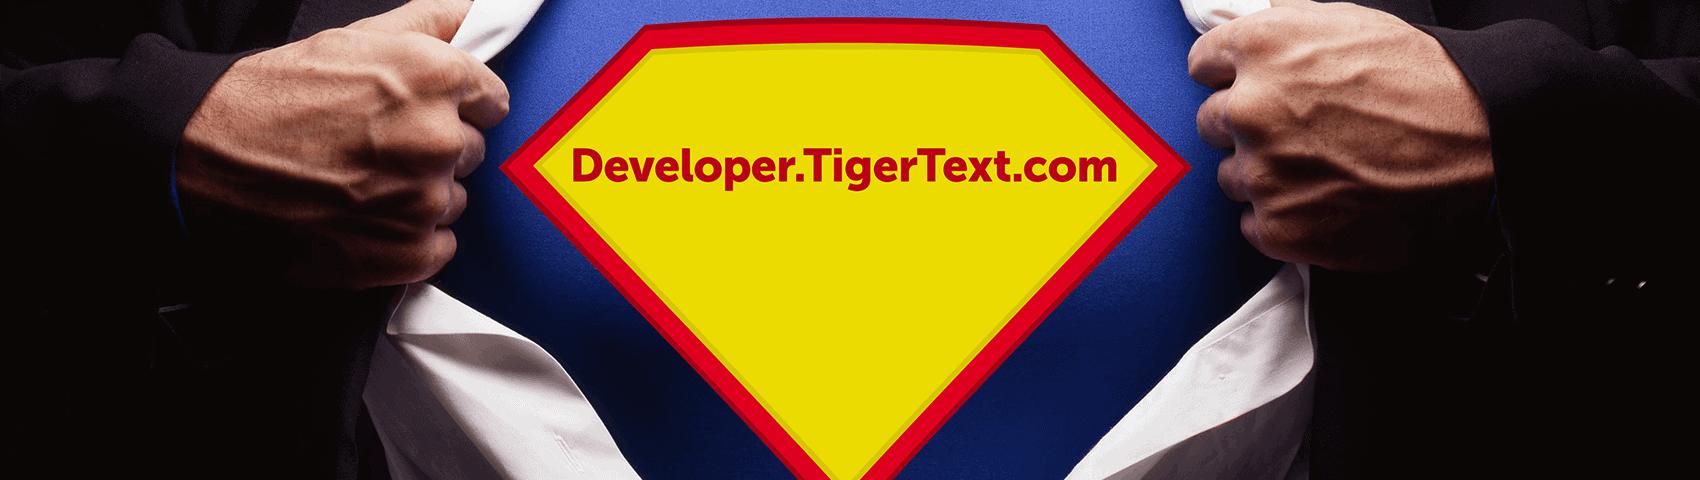 New Developer Portal Live